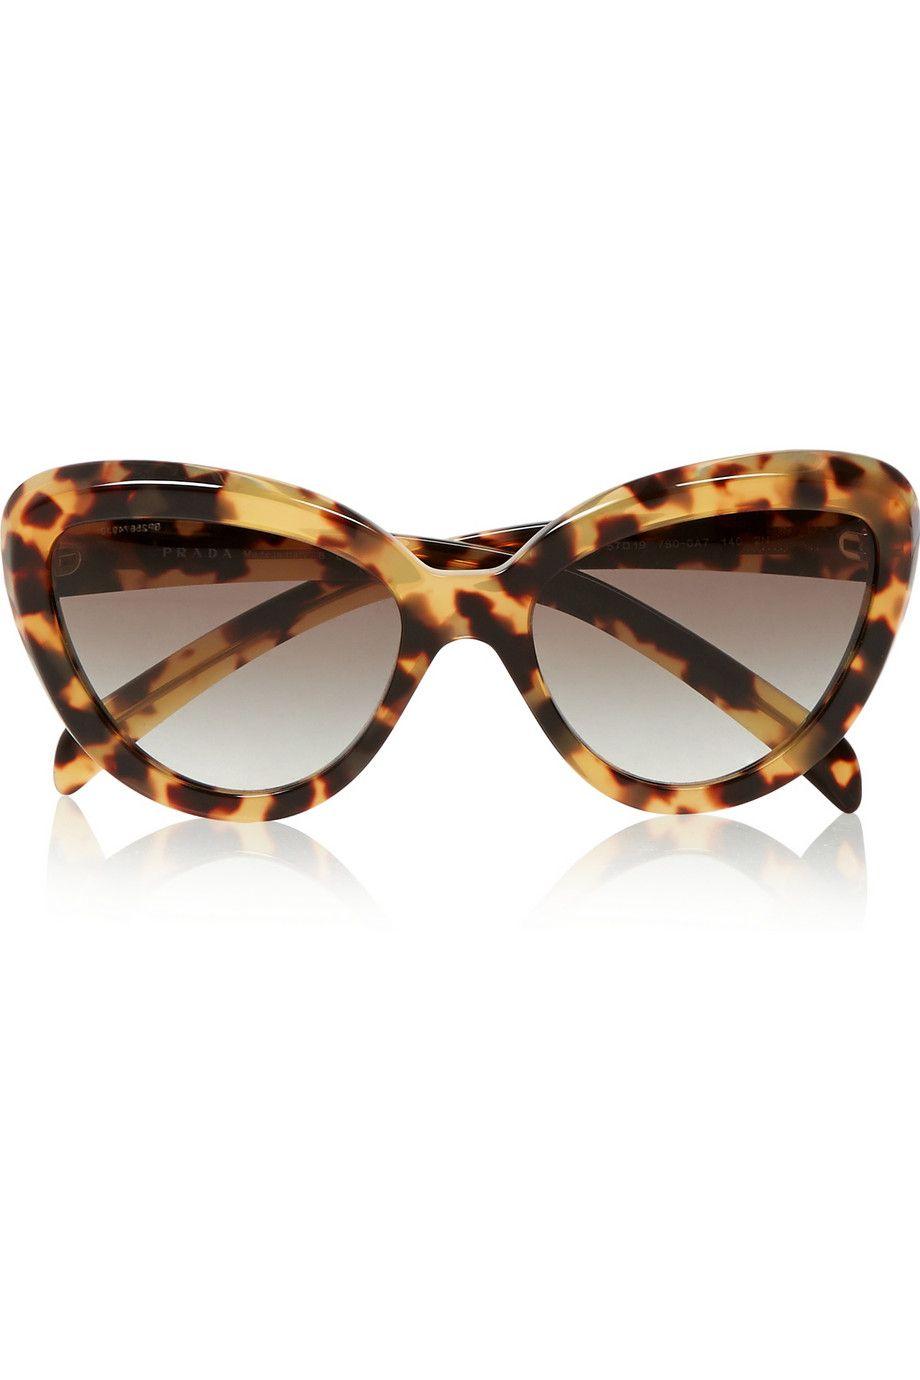 Prada   Cat-eye acetate sunglasses   NET-A-PORTER.COM · Prada Óculos De  SolÓculos ... f879d69887